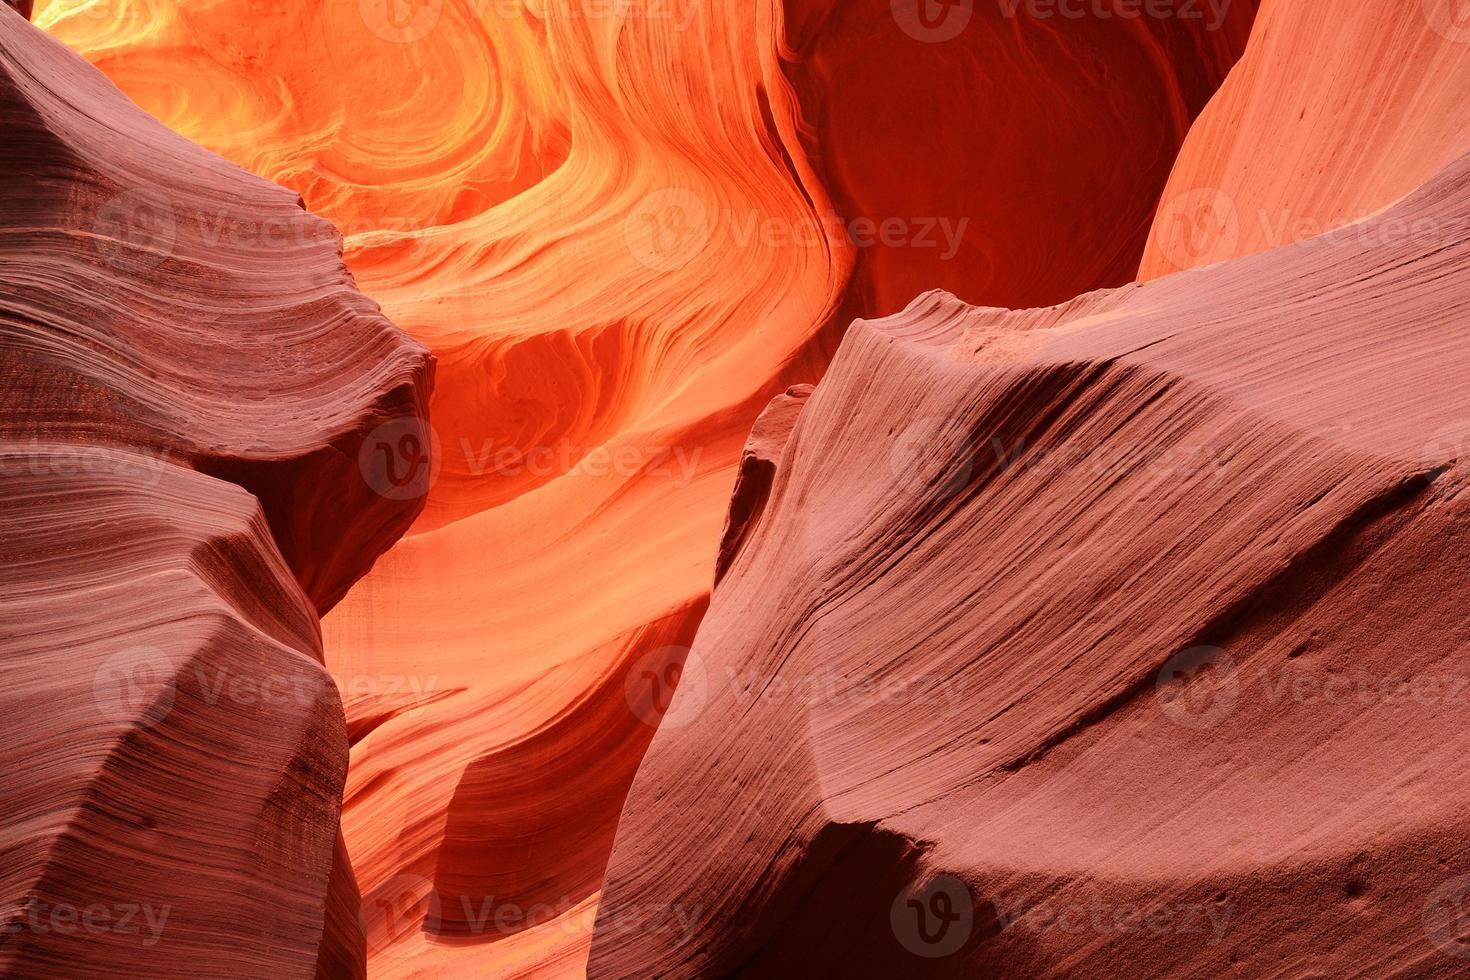 bellissimi disegni astratti del canyon dell'antilope inferiore foto